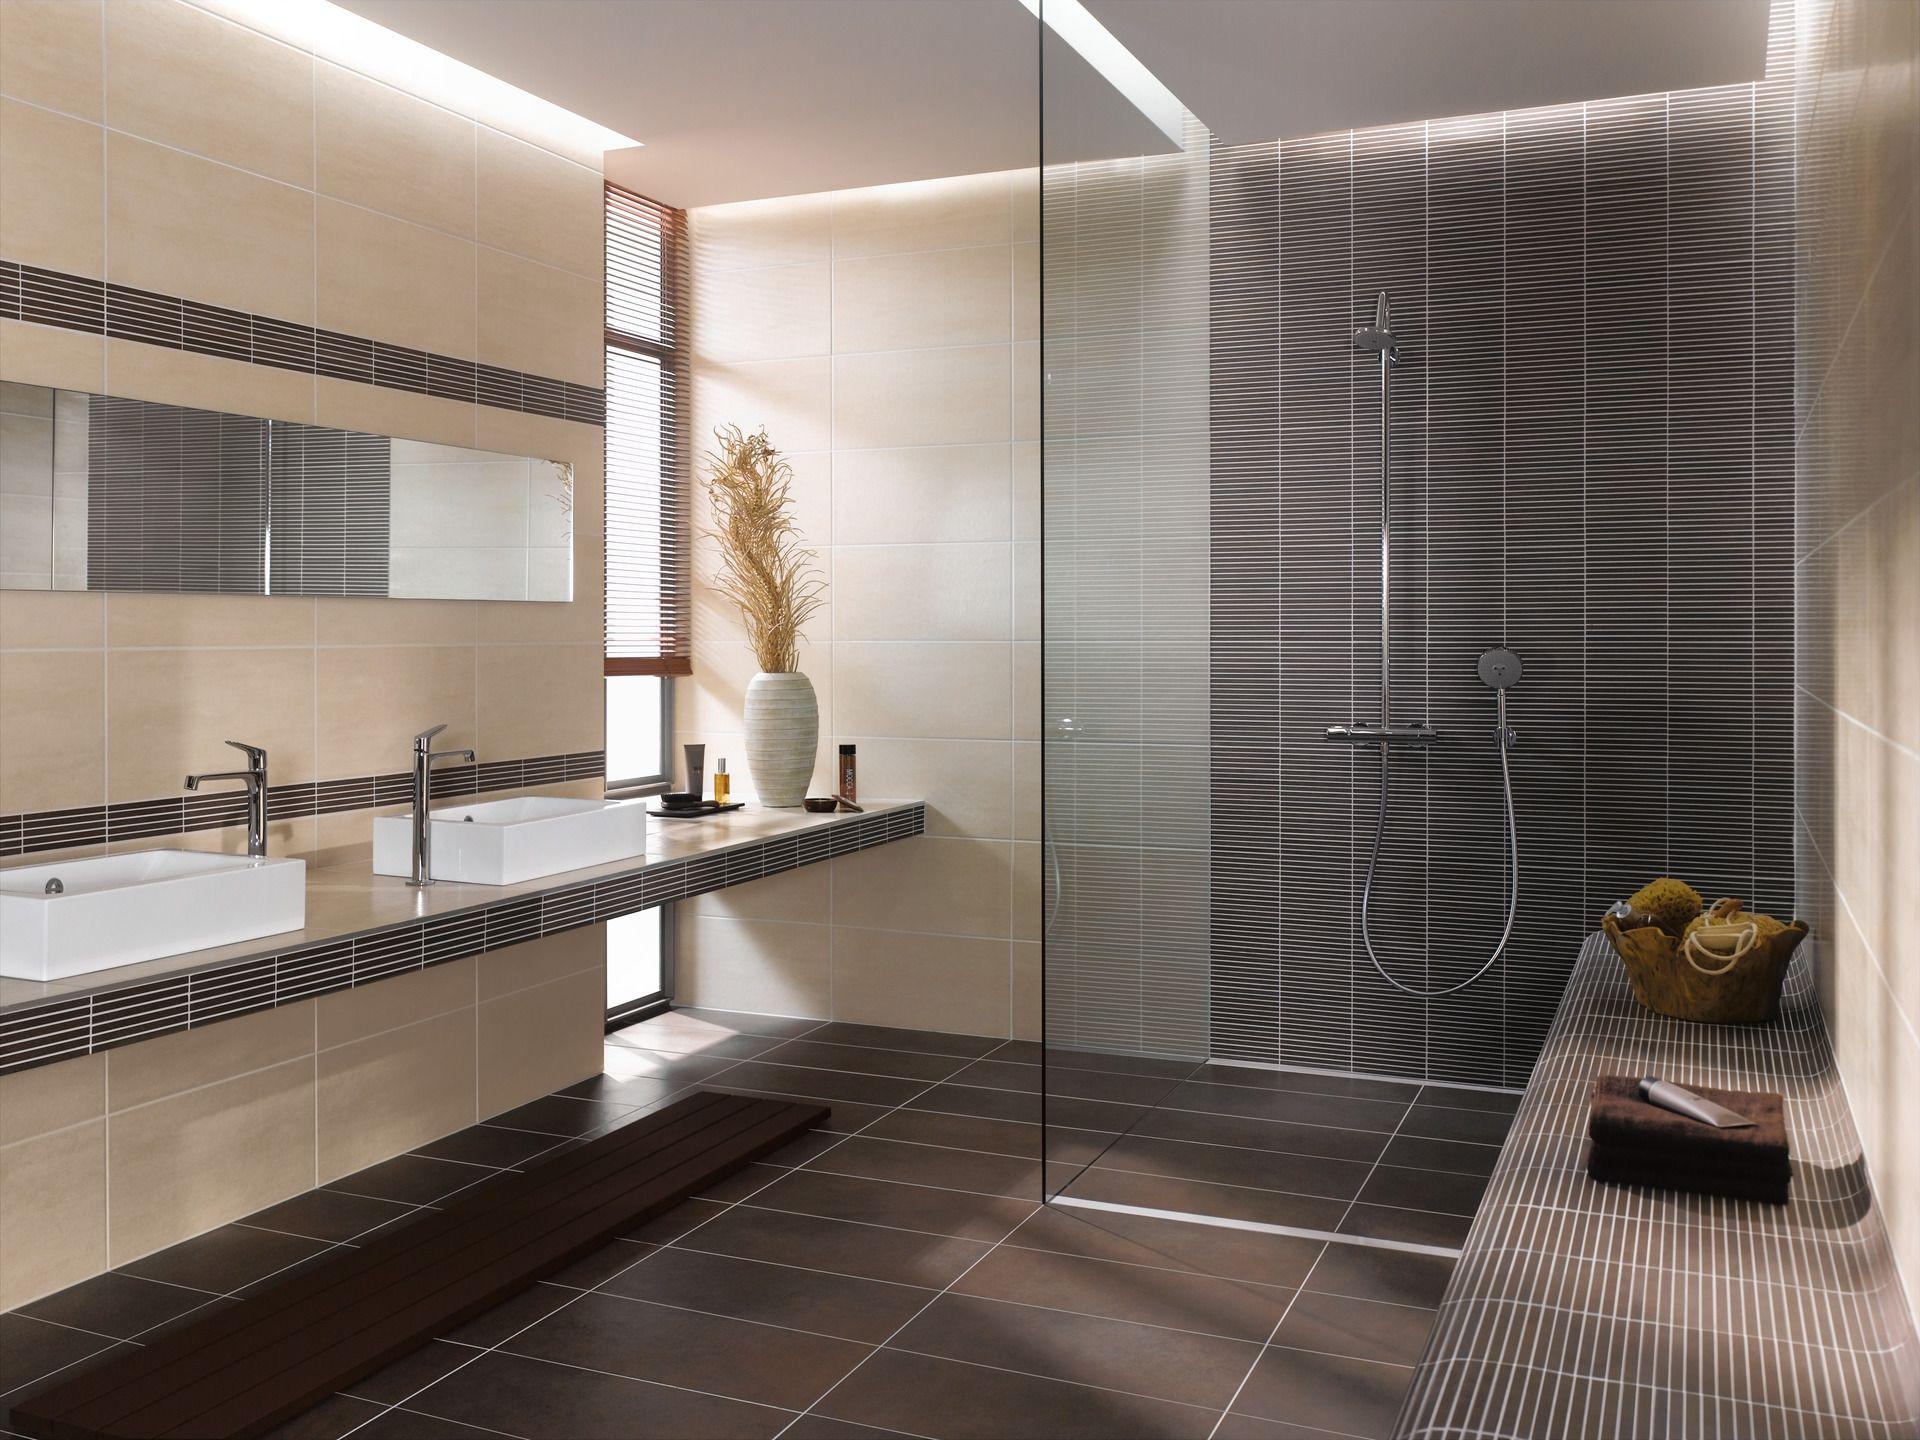 Dusche Mit Sitzbank Badezimmer Fliesen Badezimmer Braun Dekoration Badezimmer